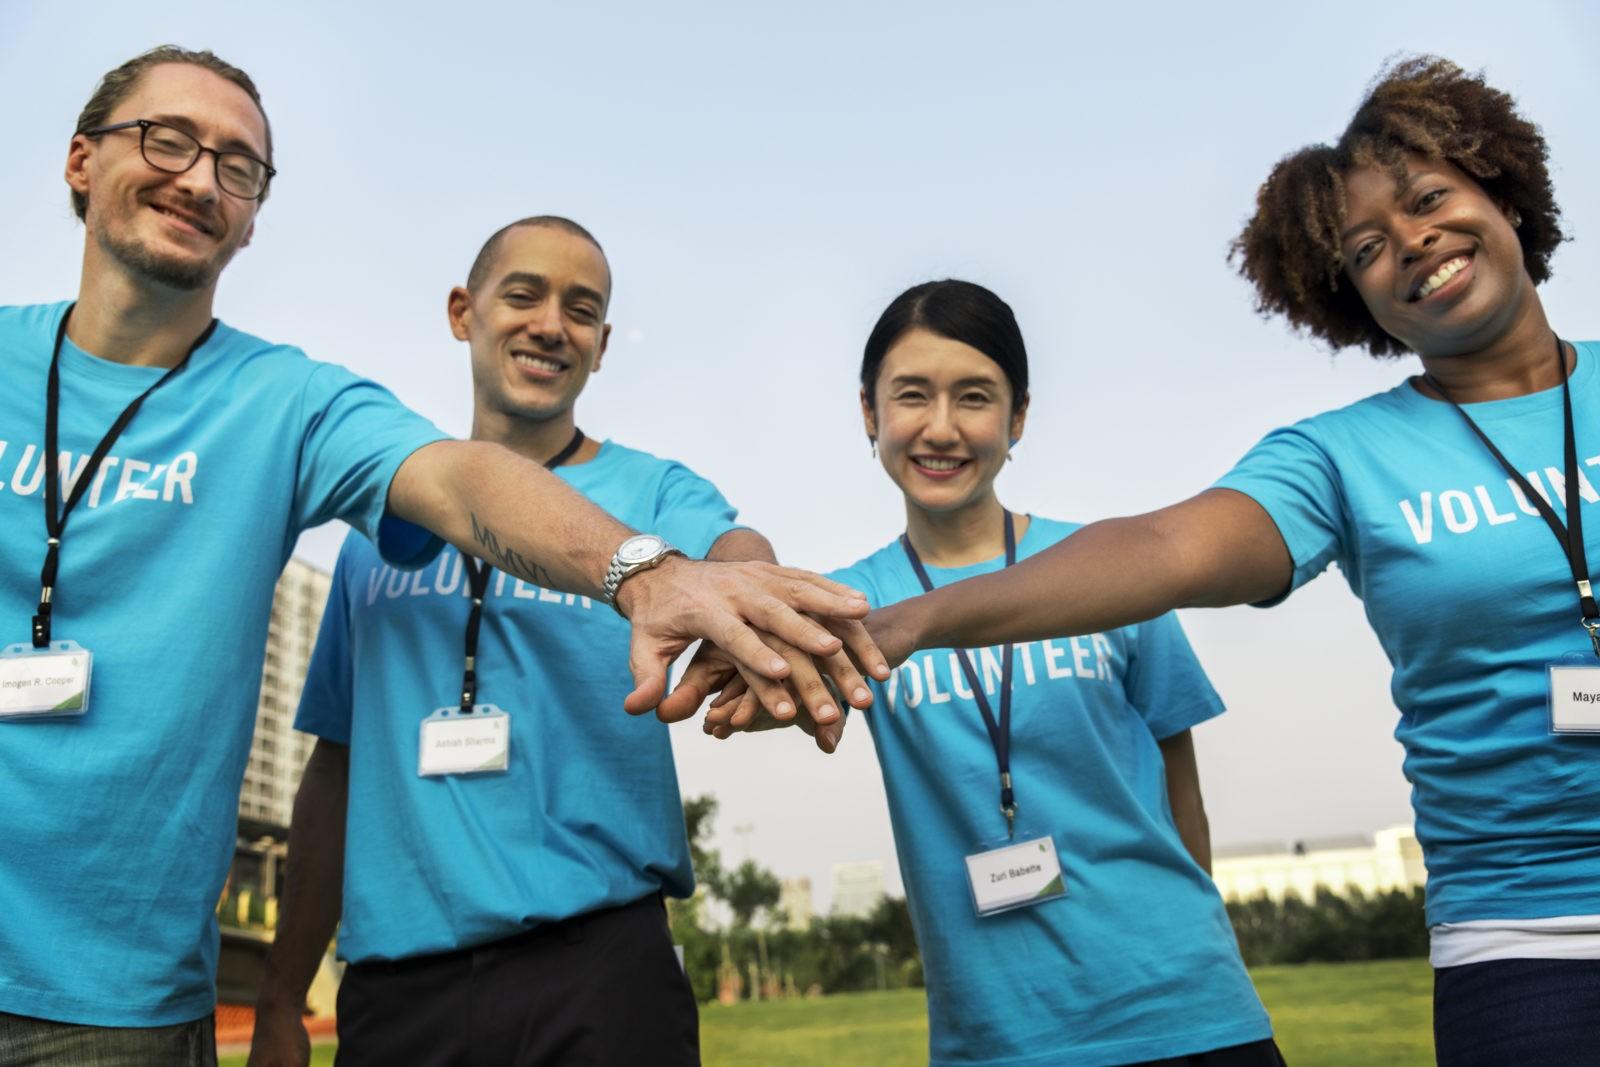 Hoe plan je een liefdadigheidsevenement: 10 belangrijke stappen